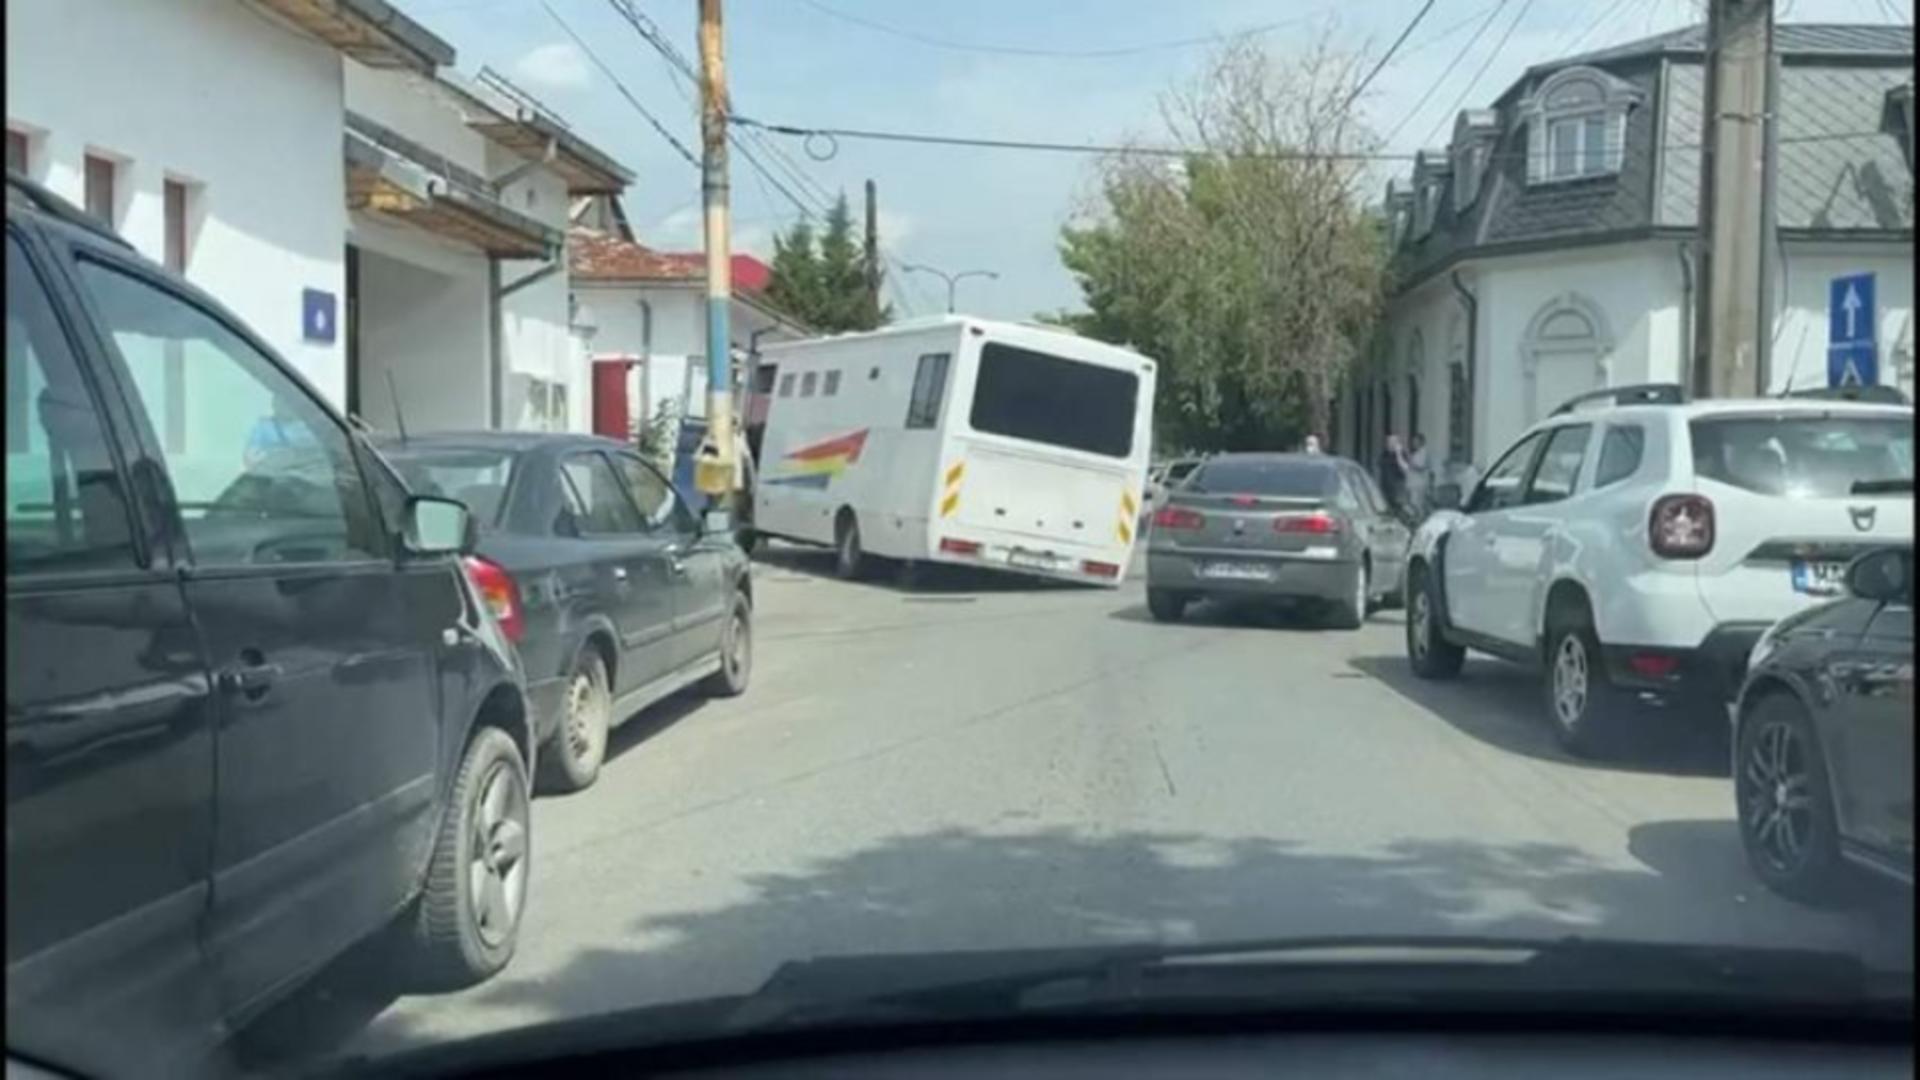 Dubă blocată în asfalt, la Craiova